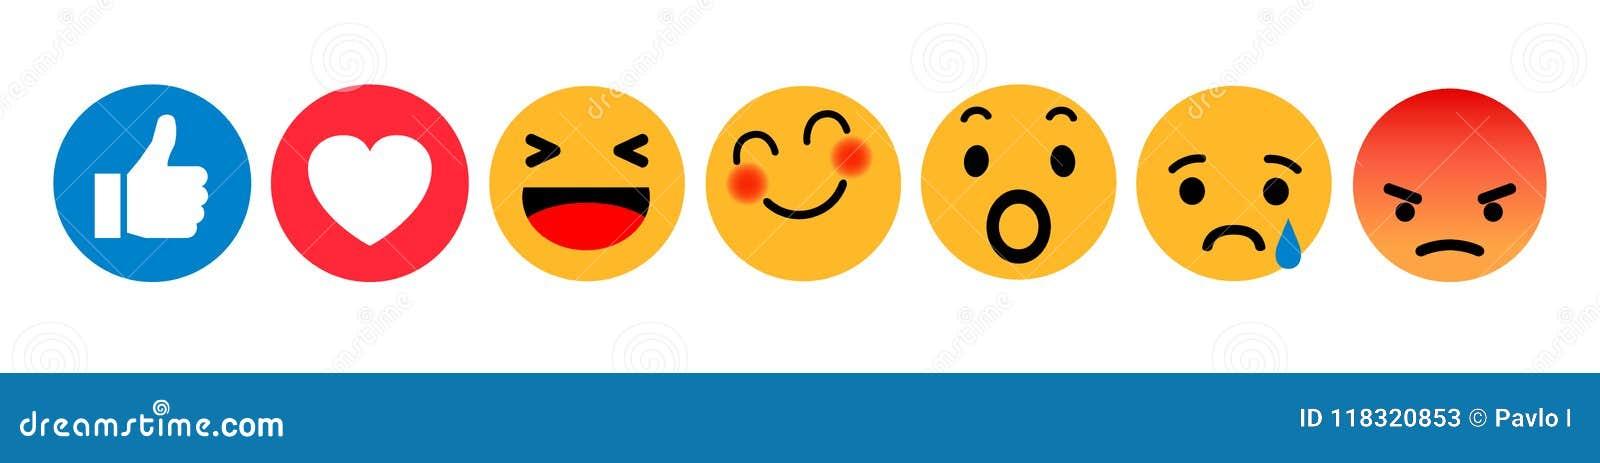 Jogo dos emoticons Ícone social das reações da rede de Emoji Os smilies amarelos, ajustaram a emoção do smiley, por smilies, emot